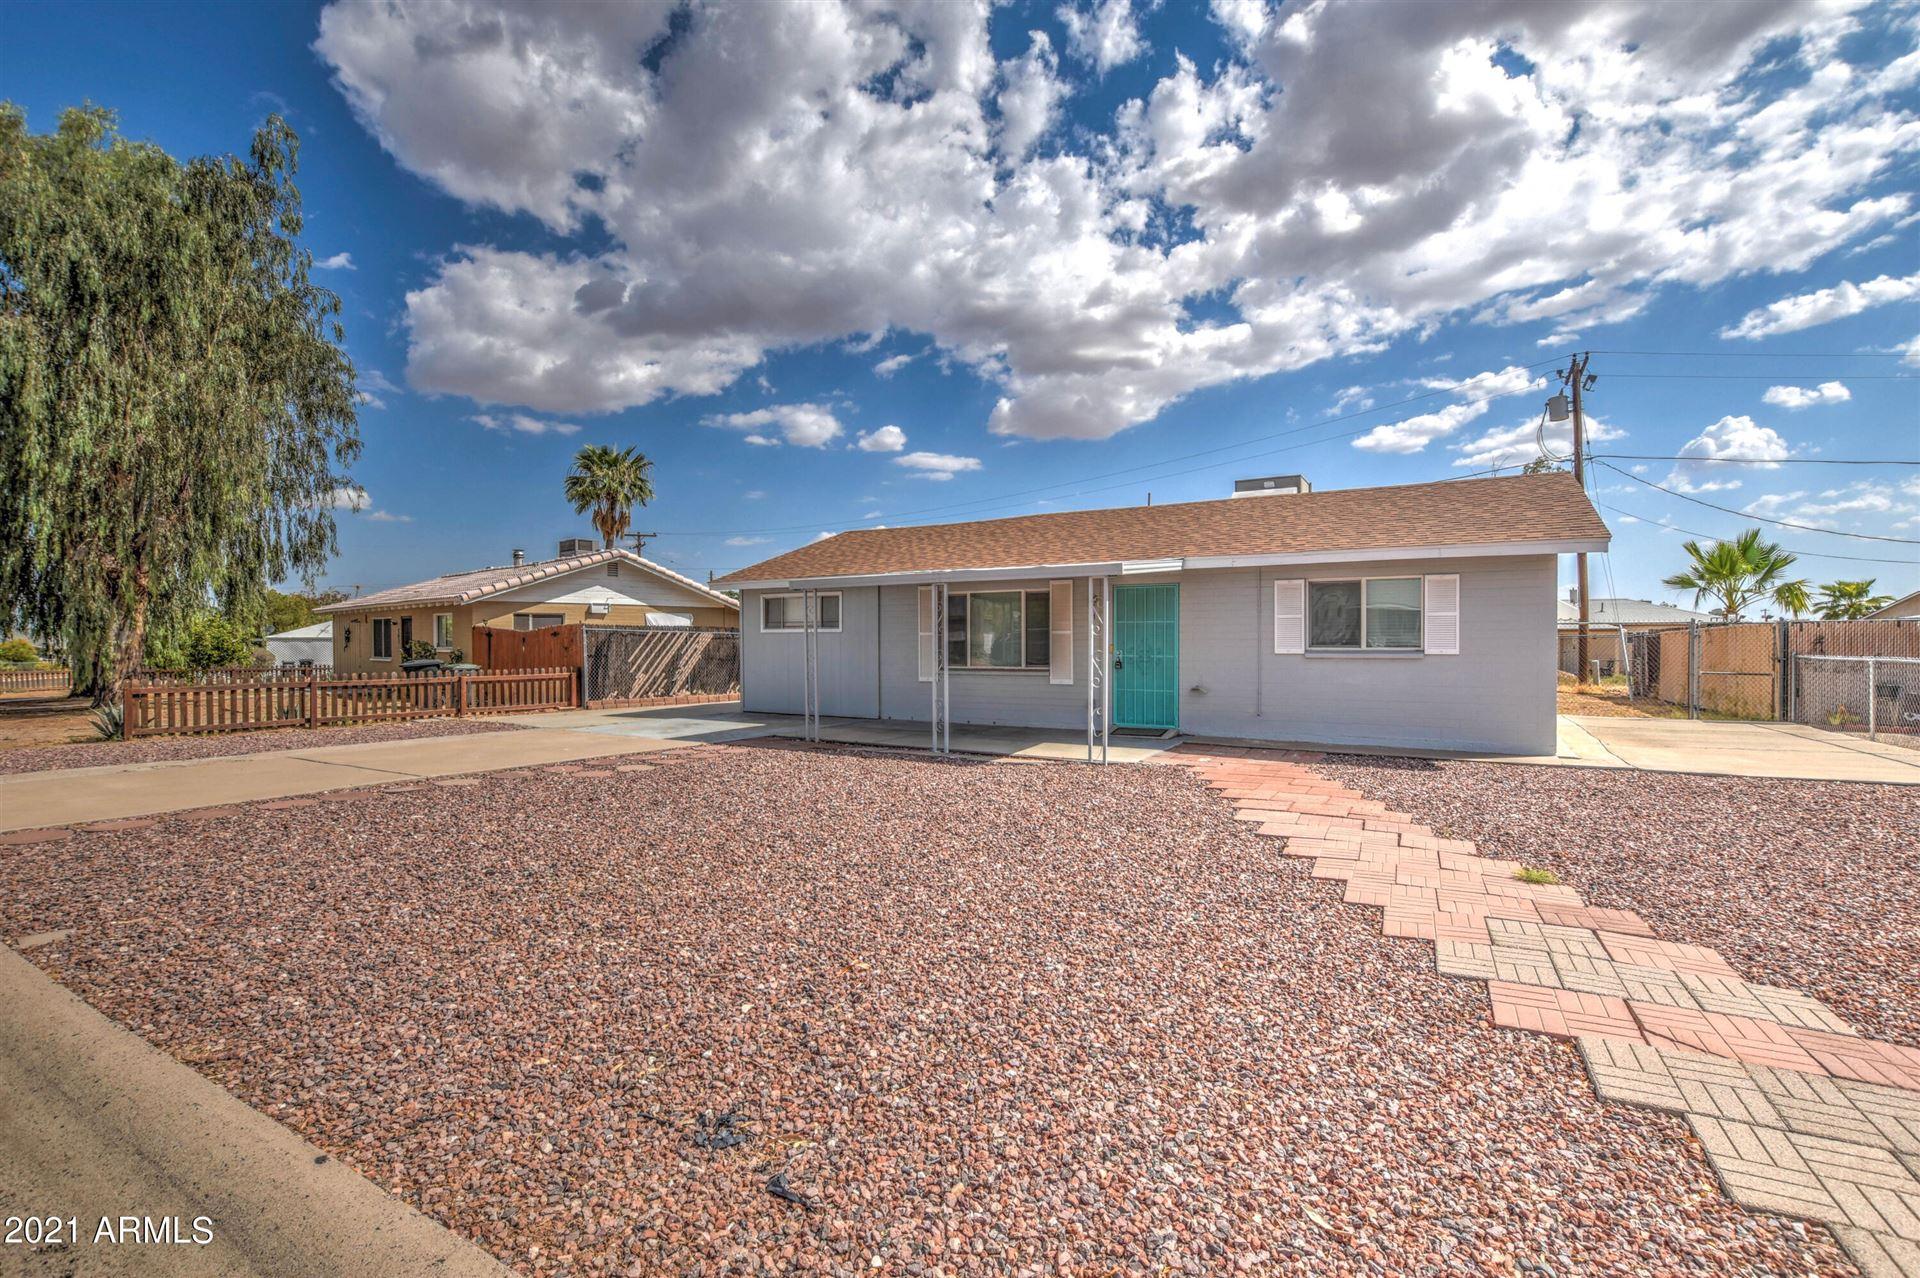 Photo of 111 Peretz Circle, Morristown, AZ 85342 (MLS # 6259971)